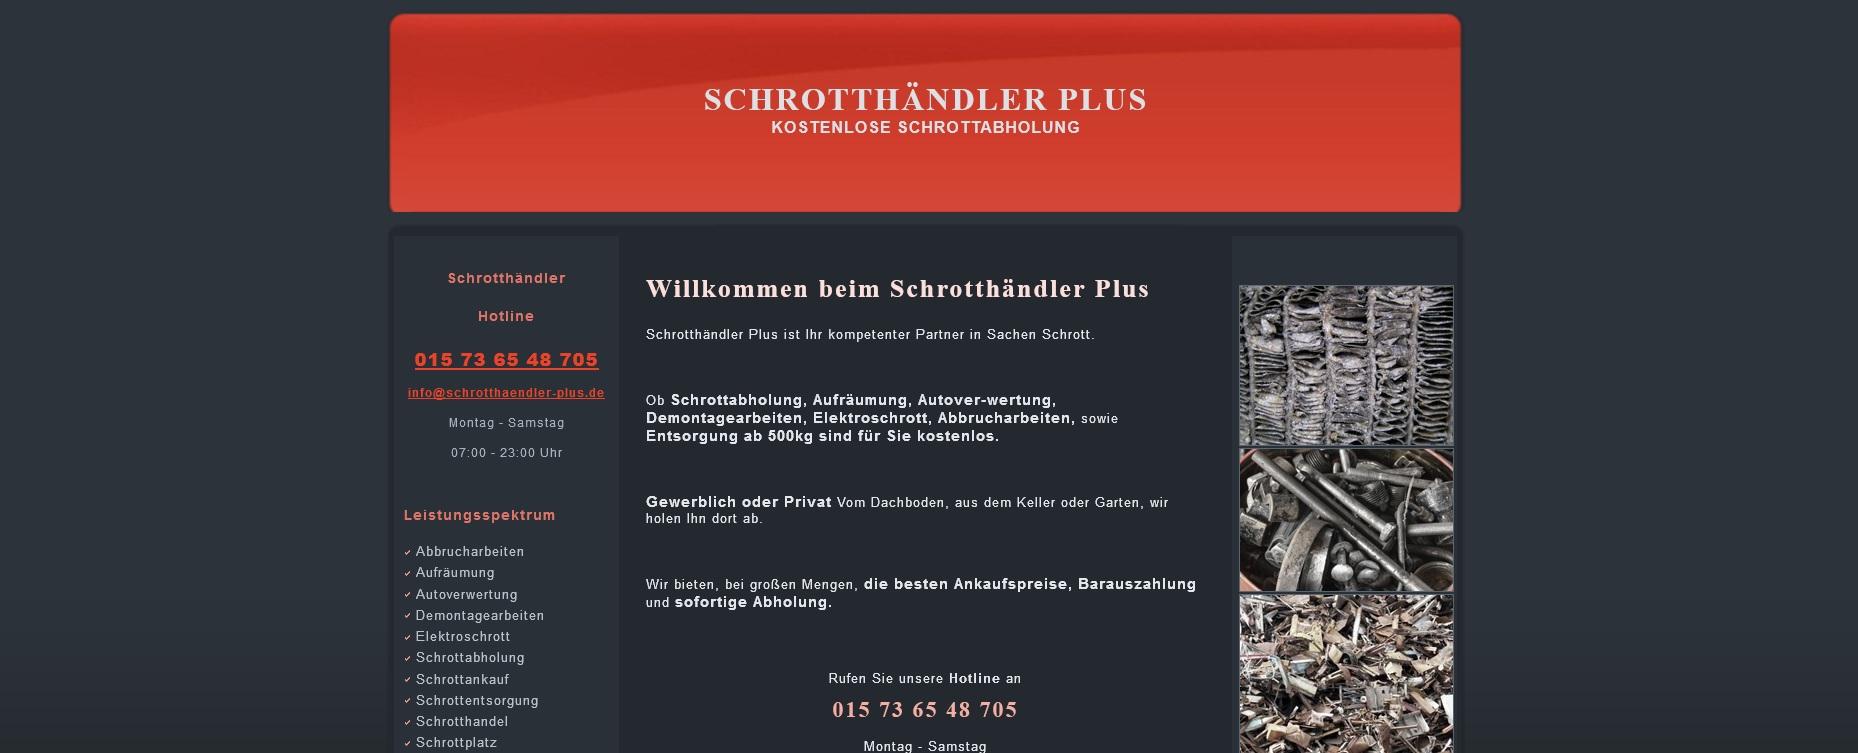 Der Schrottankauf Bochum überzeugt mit ehrlichen Preisen und Verantwortung beim Recycling des Schrotts